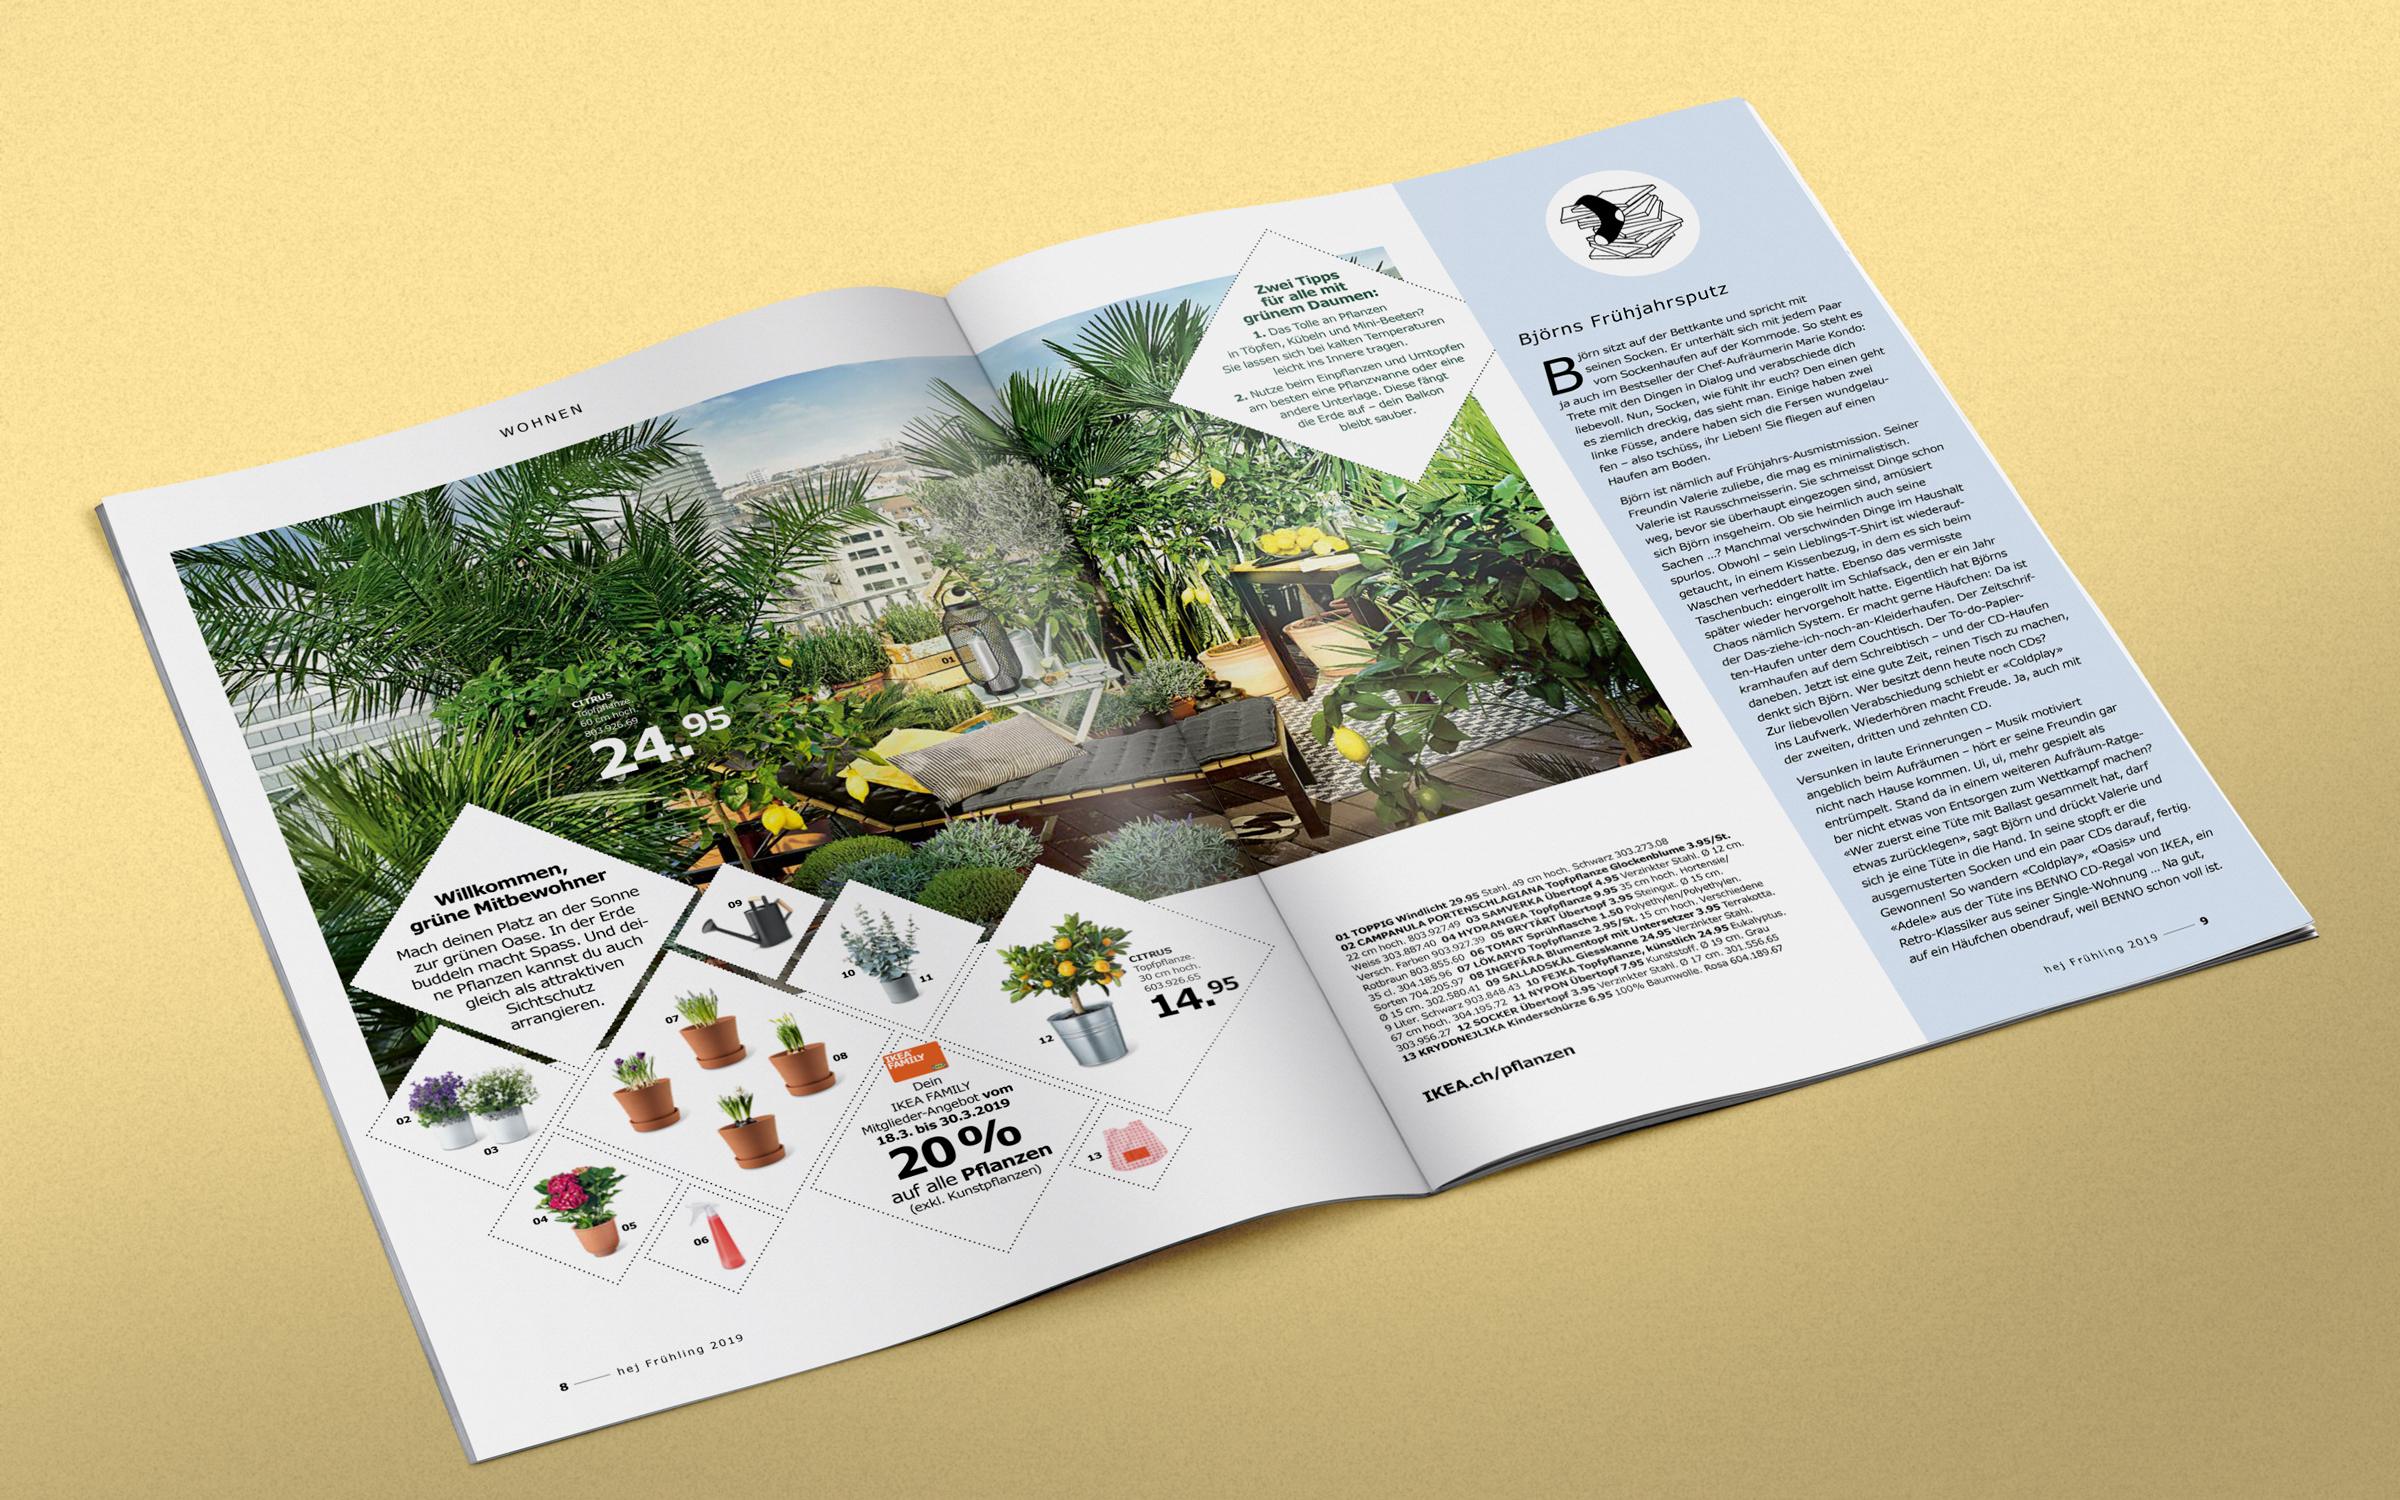 Ikea Family Gestalten Ag Agentur Für Kommunikation Und Design